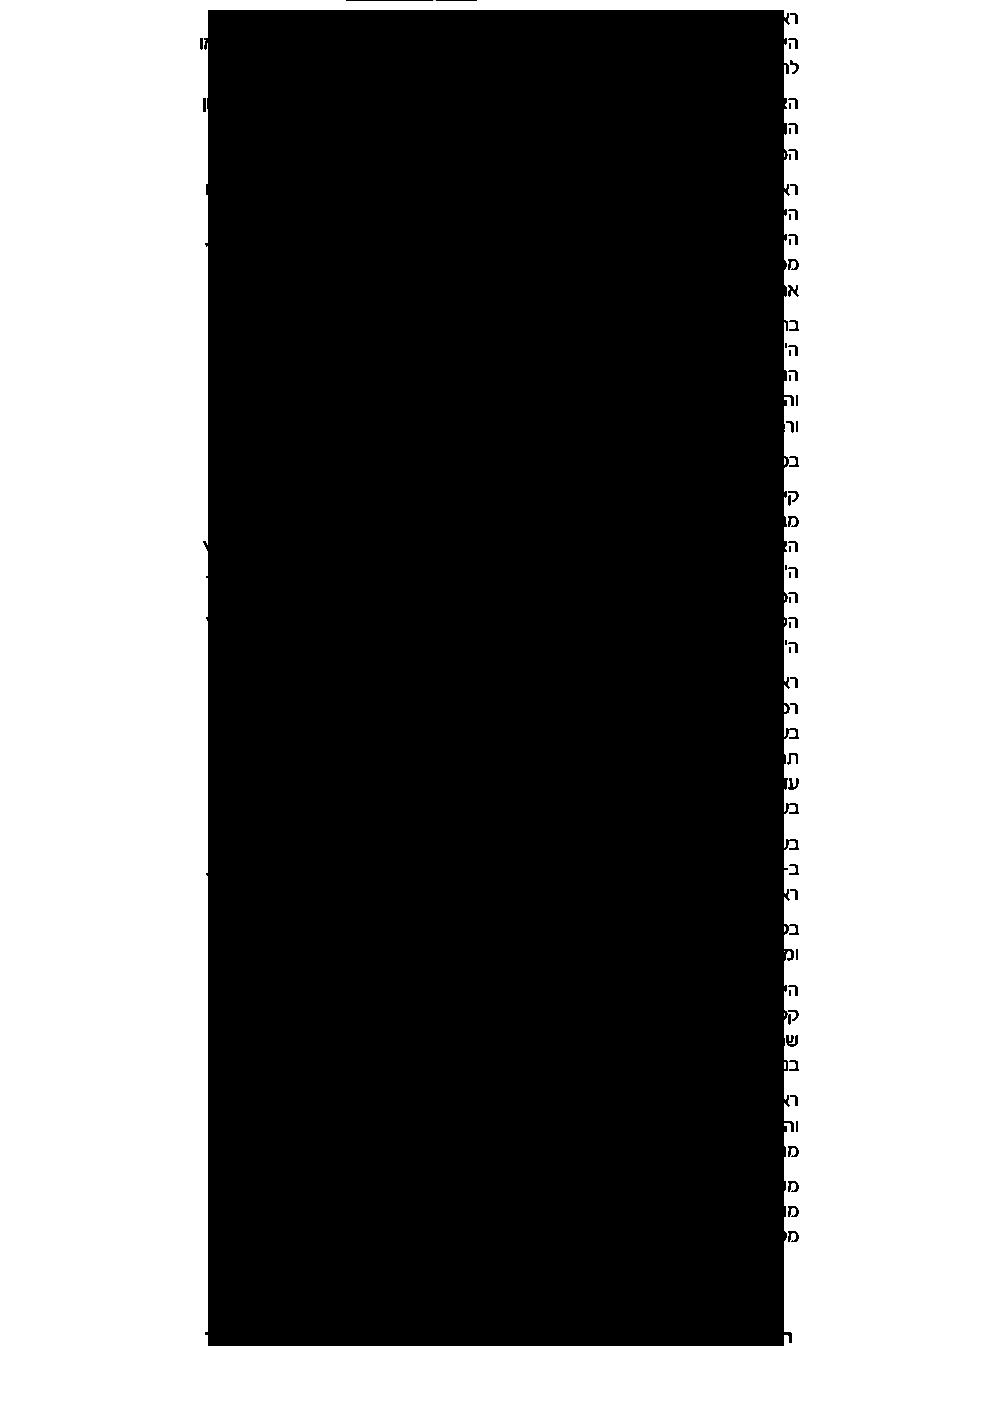 טקסט על ראובן דננבאום